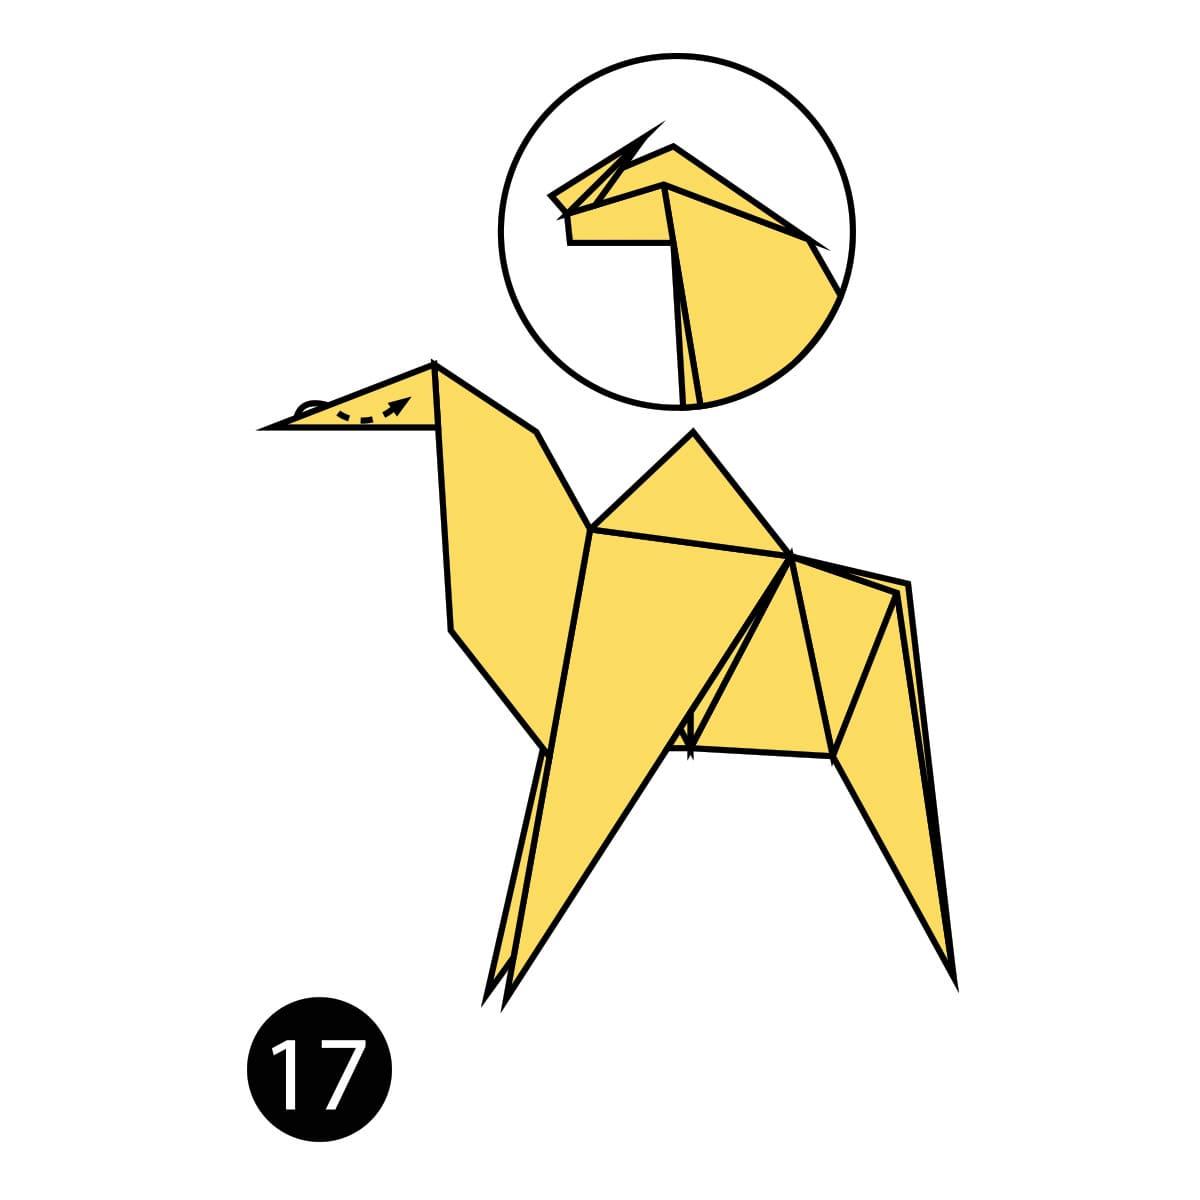 Camel Step 17